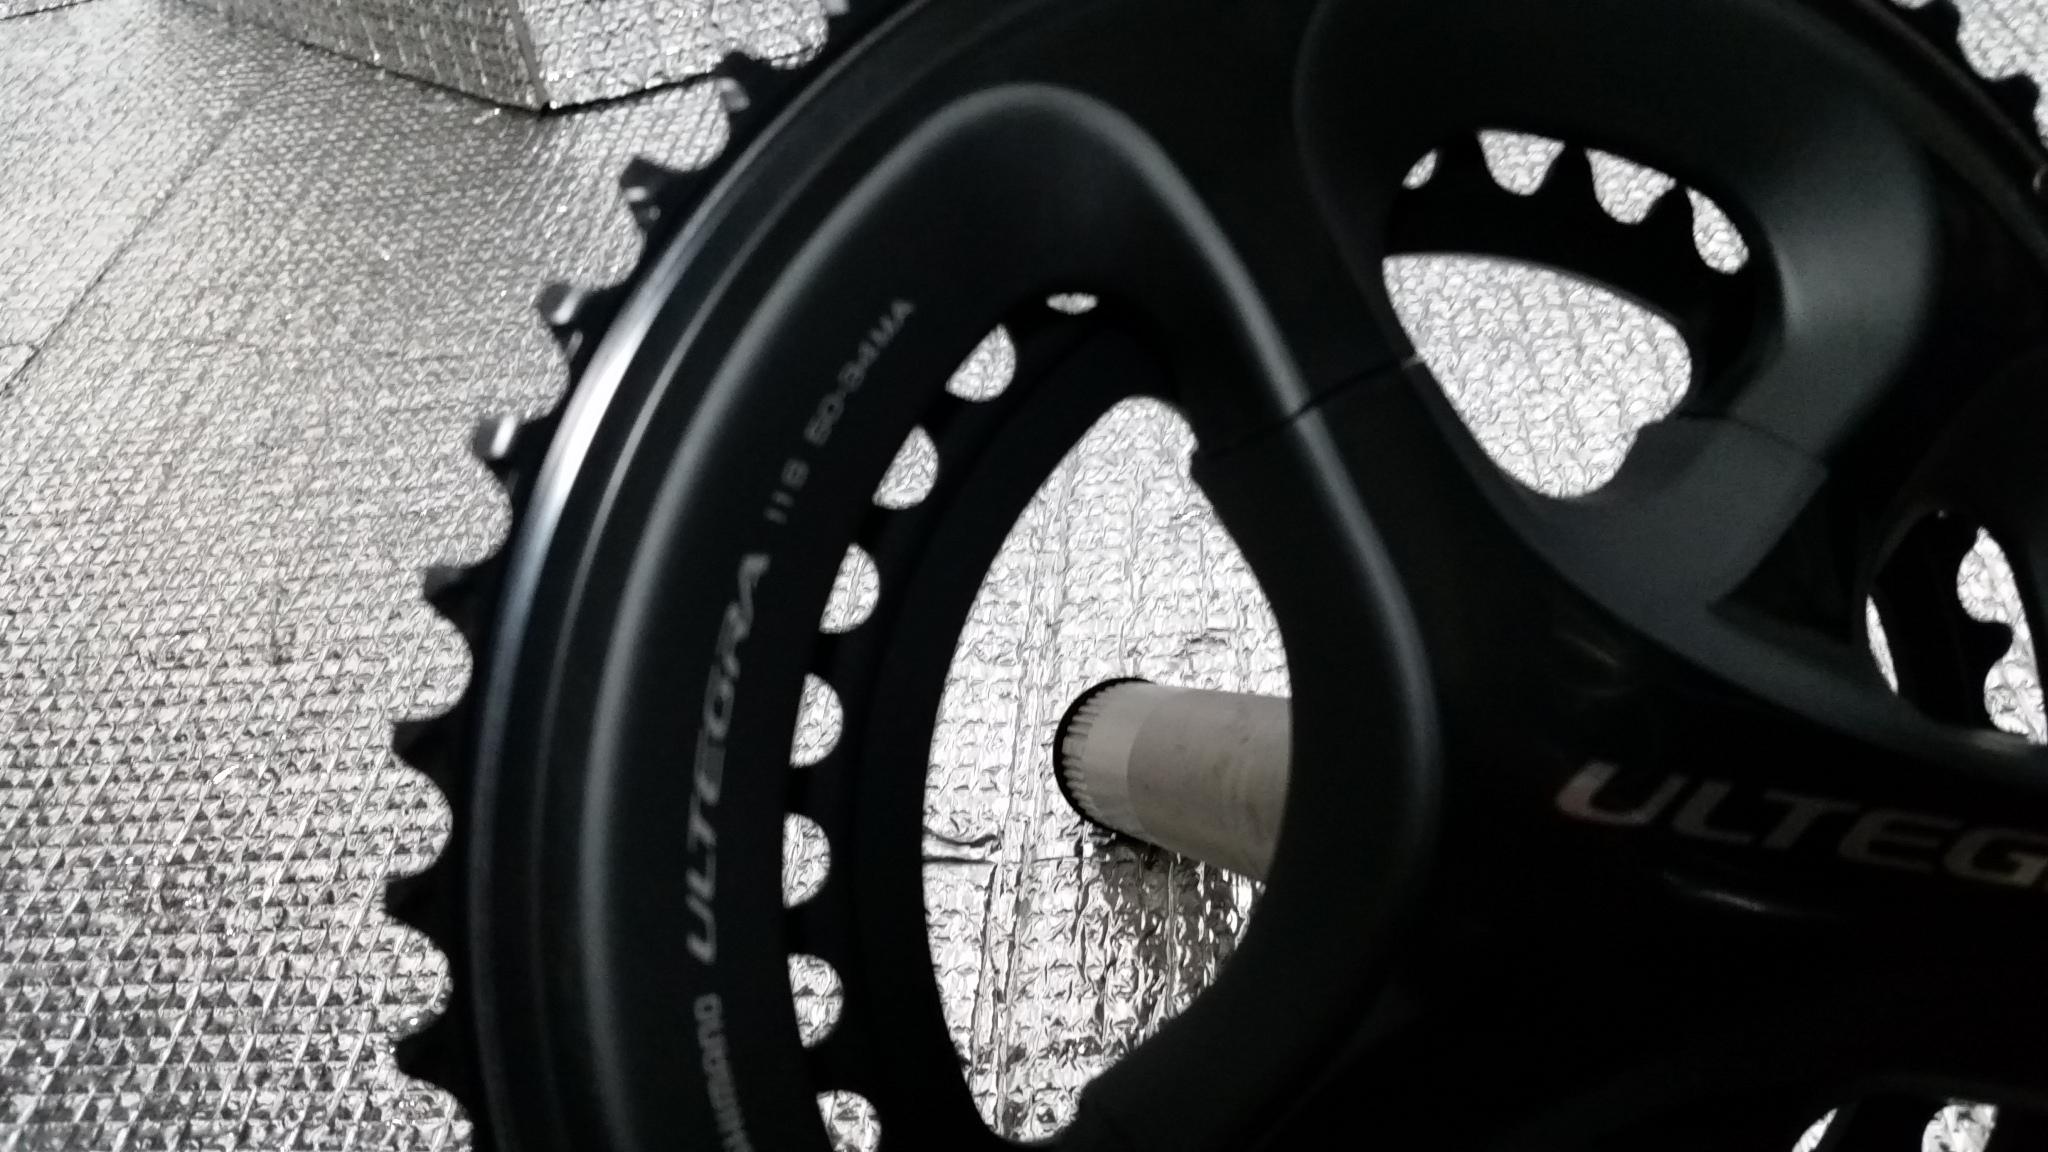 ヤフオクに自転車機材アルテグラ6800系ブレーキ、クランクを1円スタートしました!!